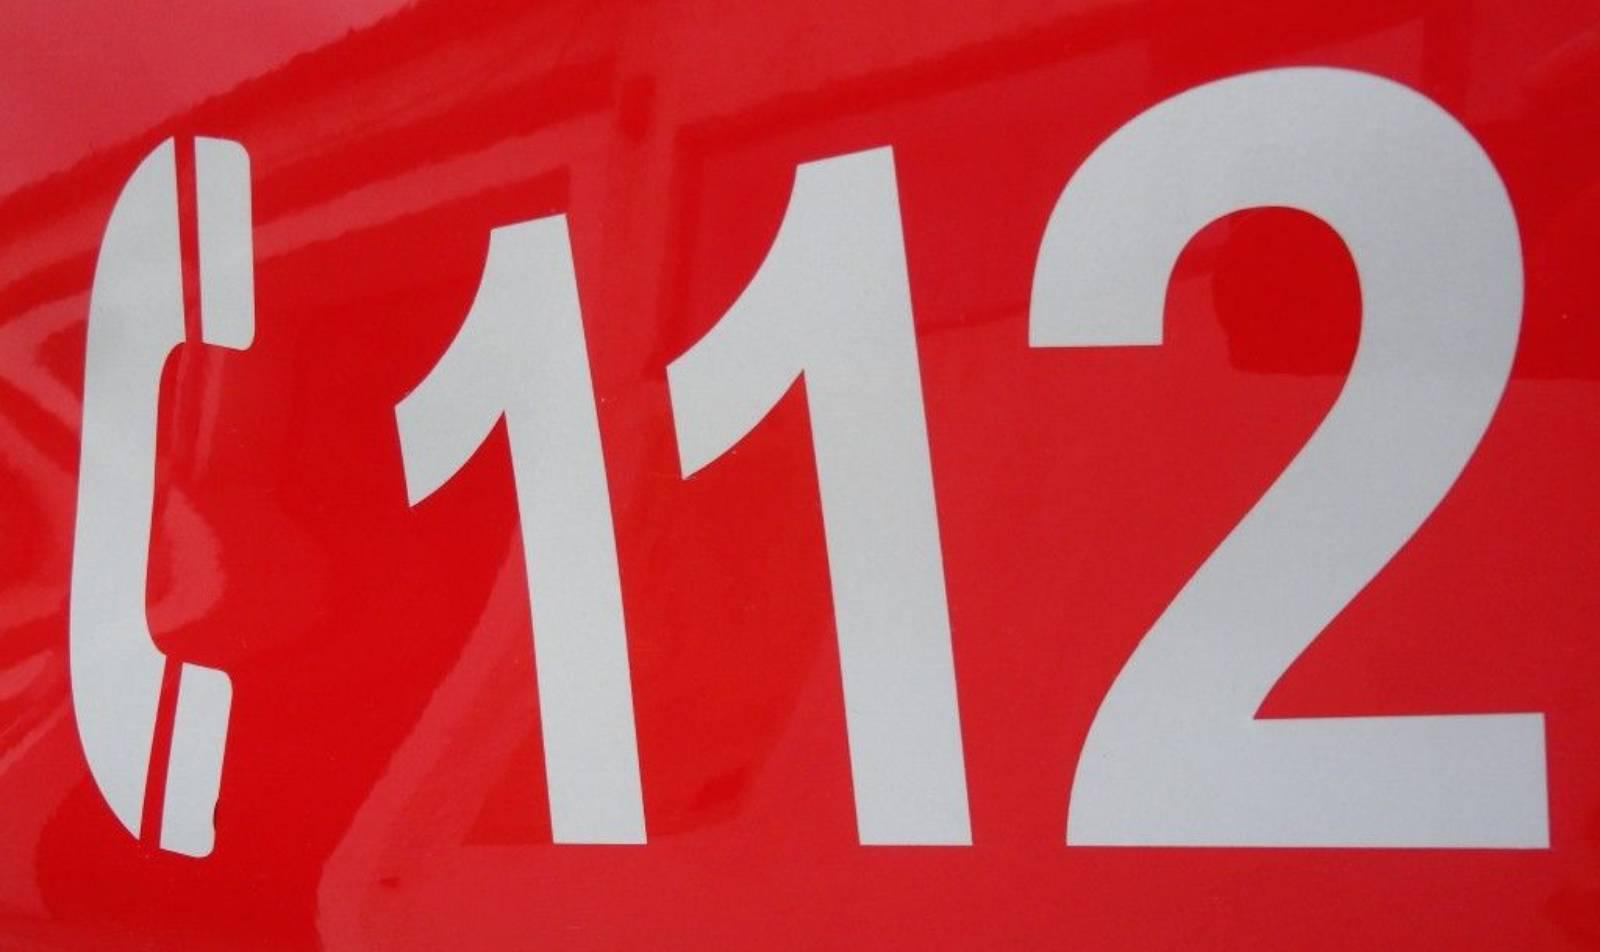 112 amenda club